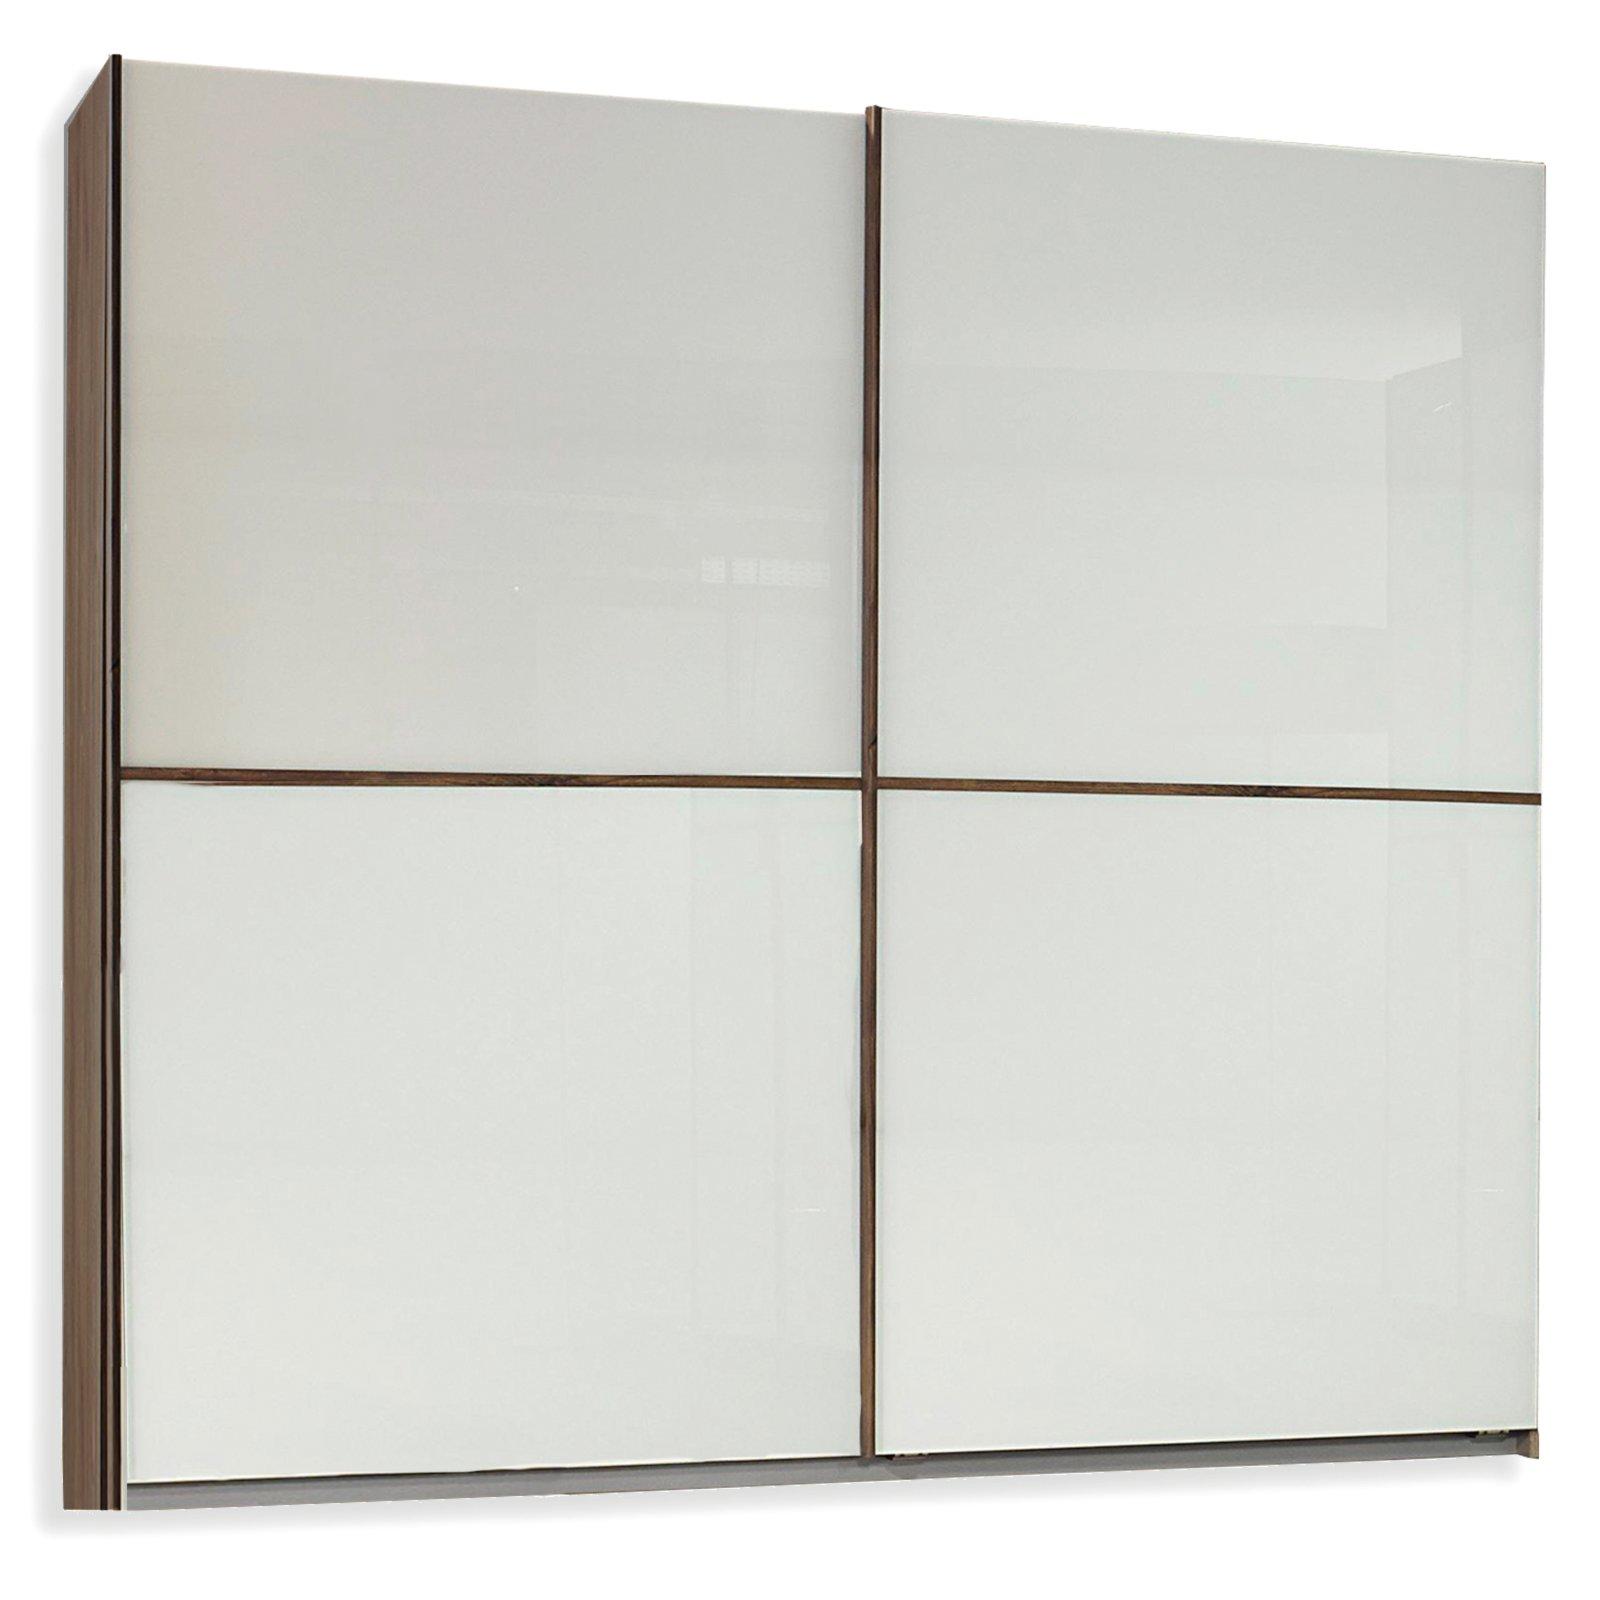 schwebet renschrank essensa eiche sirling wei glas. Black Bedroom Furniture Sets. Home Design Ideas